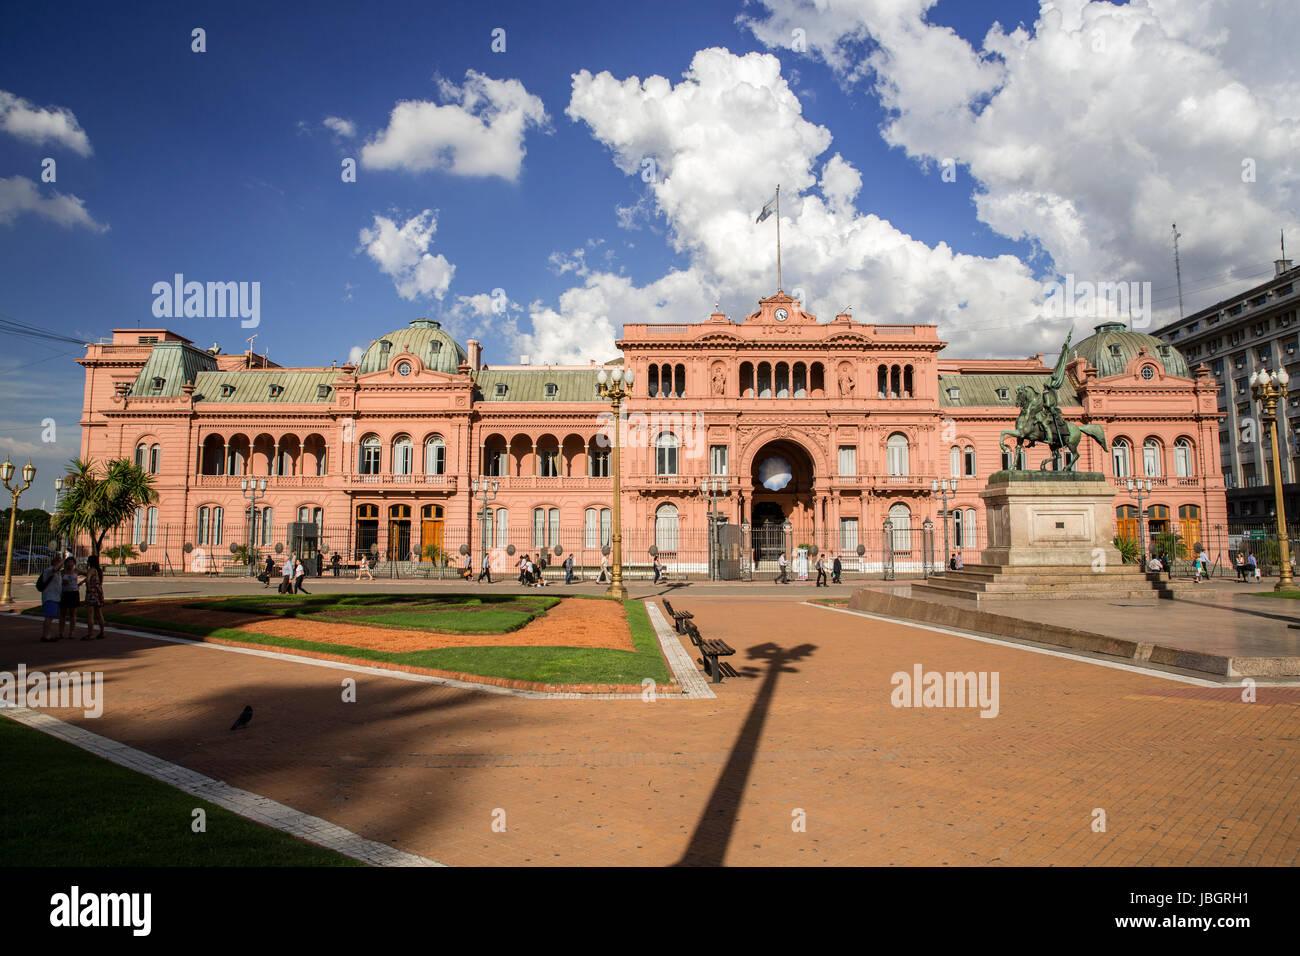 Où Palais présidentiel de Evita Parone a donné son célèbre discours à Buenos Aires, Photo Stock